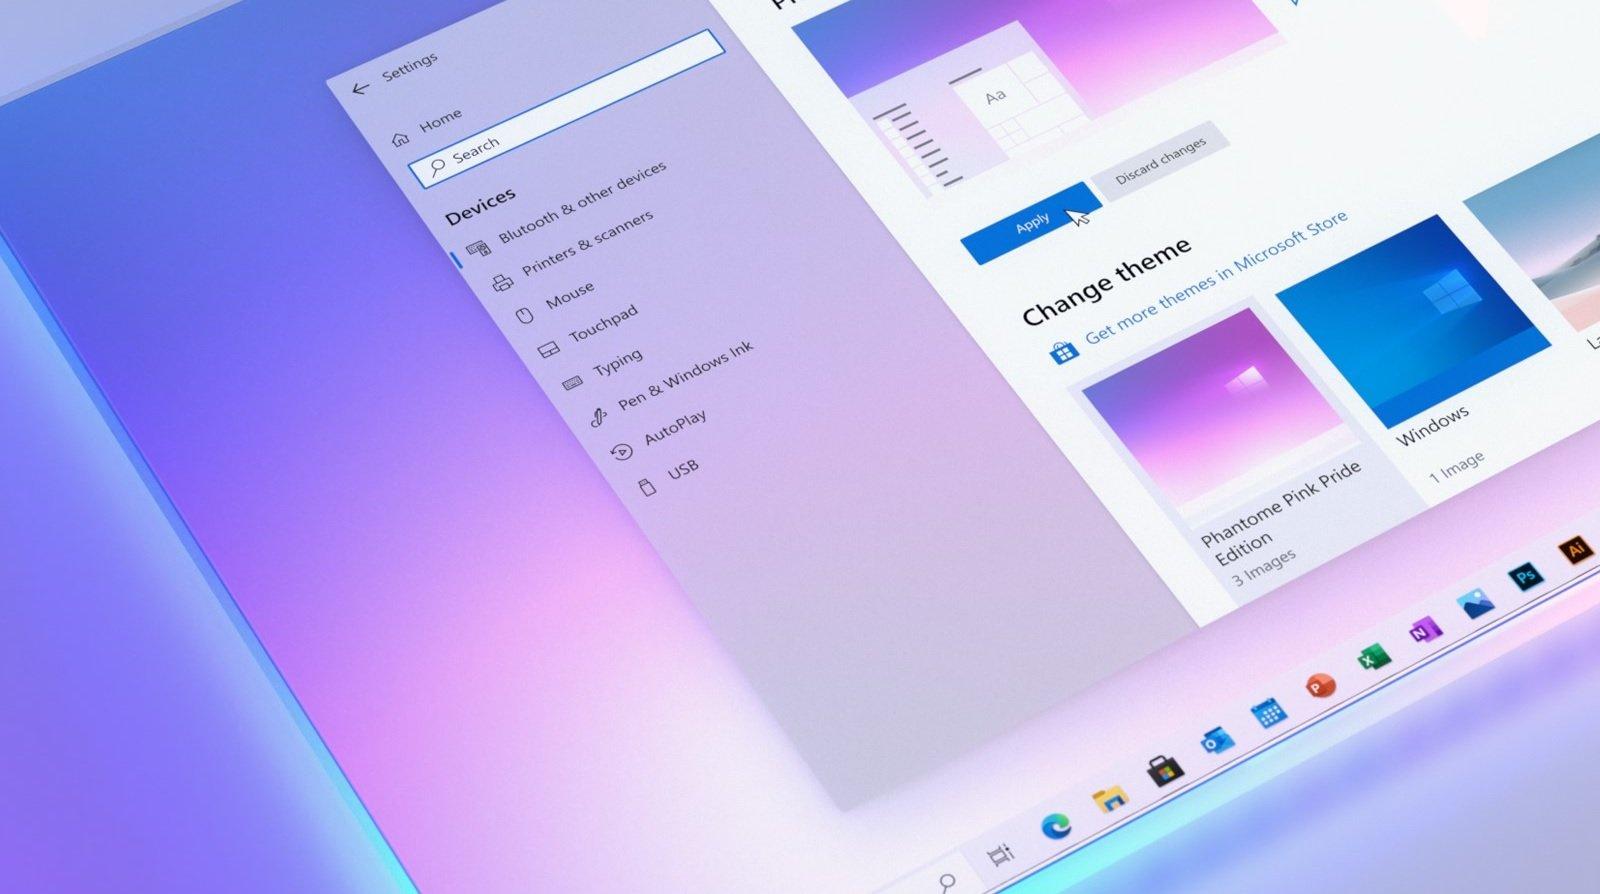 windows 10 version 20h2 update